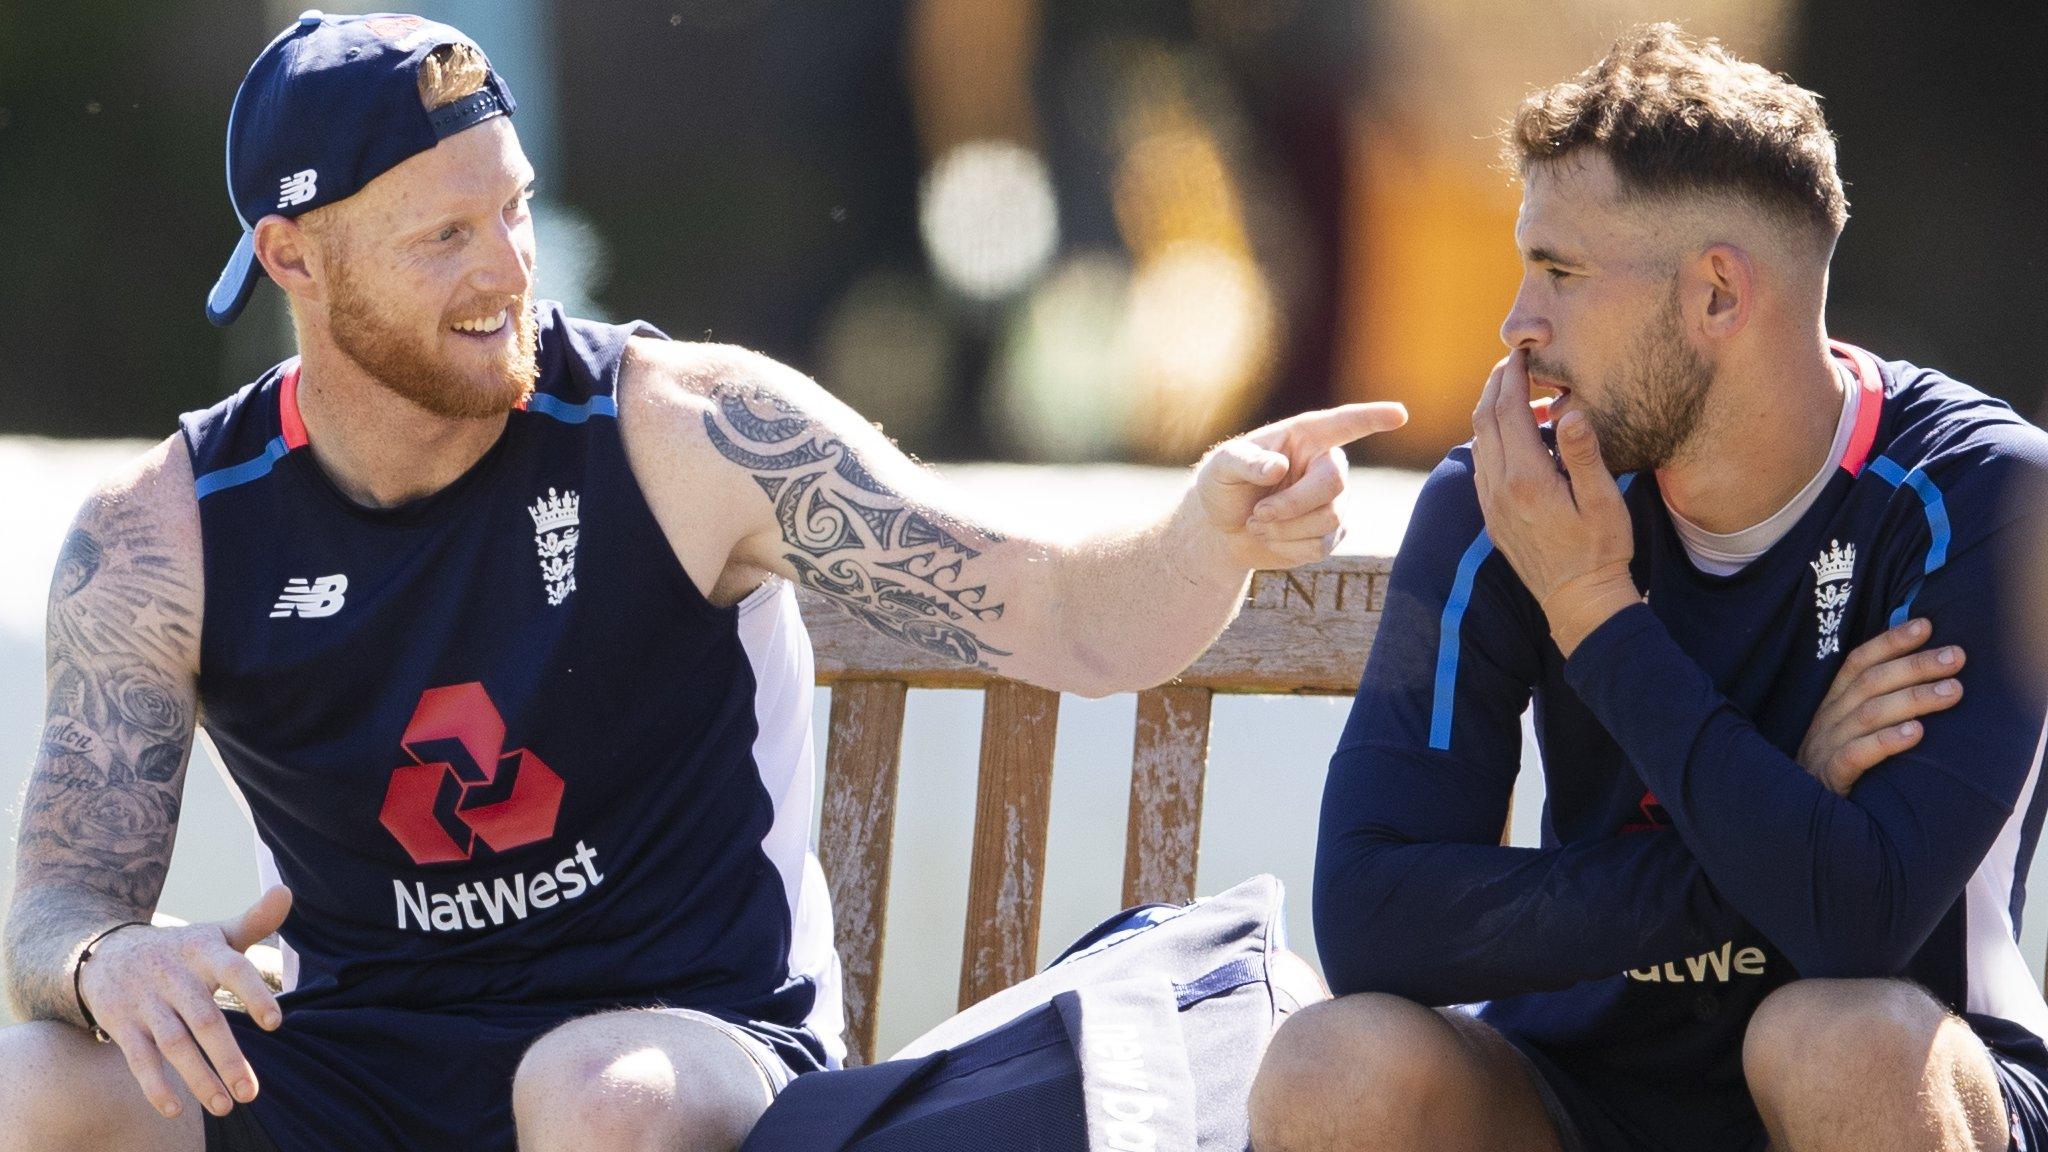 England's Ben Stokes & Alex Hales named in ODI squad for Sri Lanka series